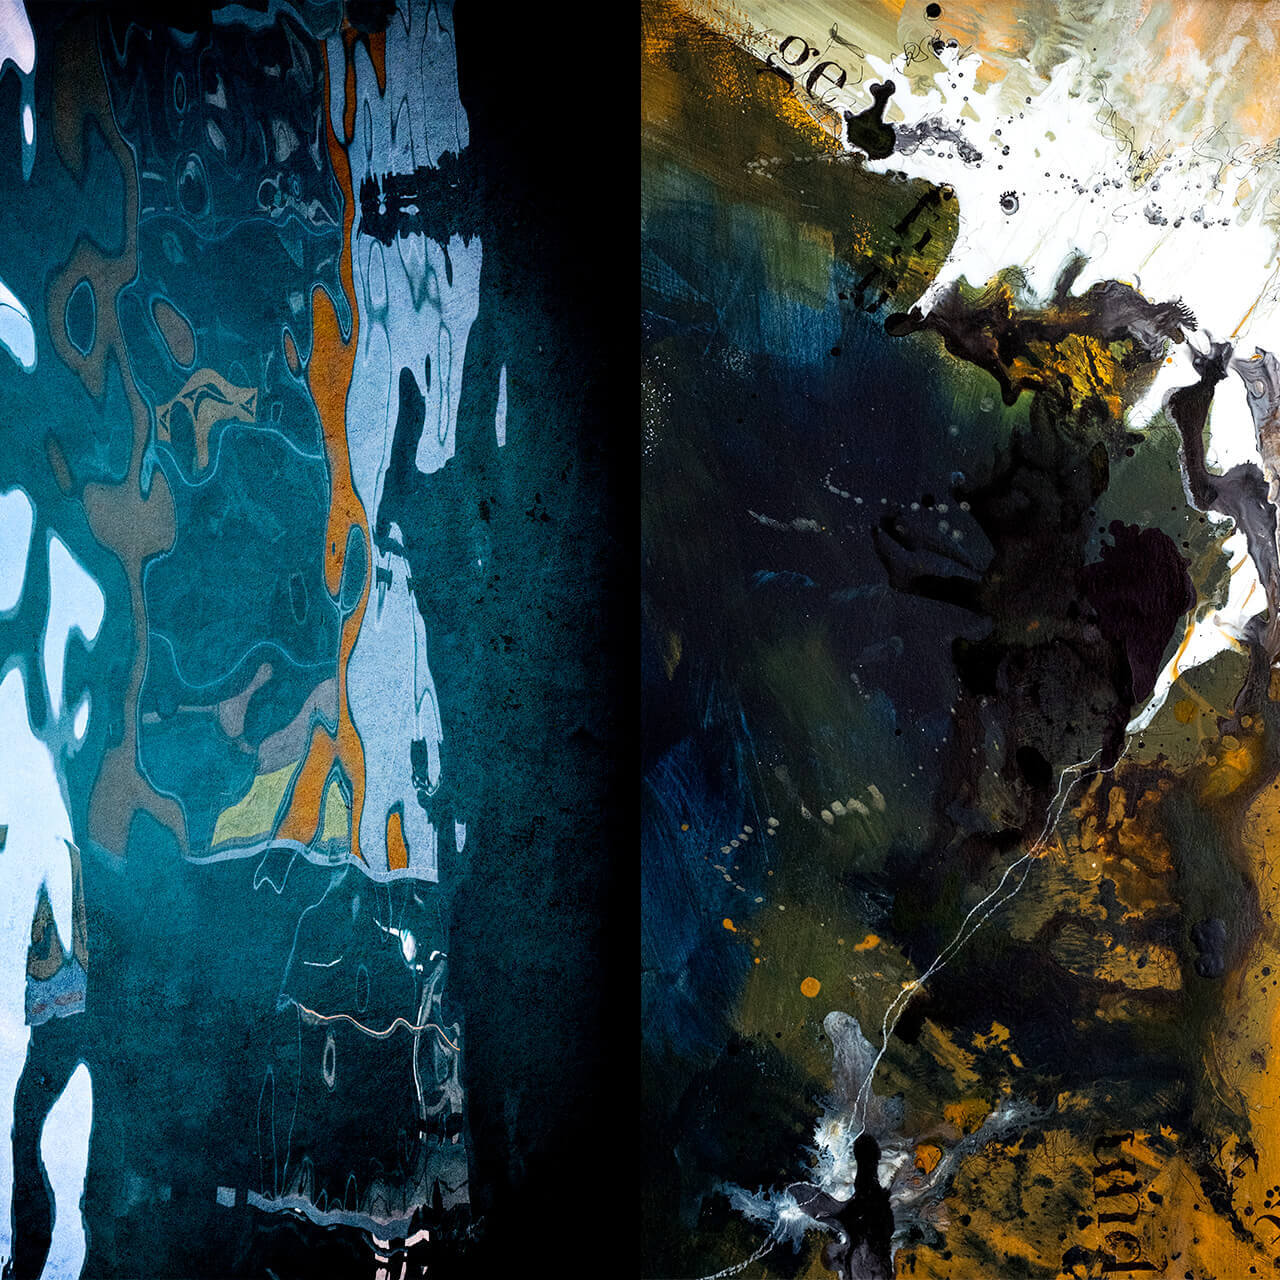 Gallery: Duets - Heidi Mertens